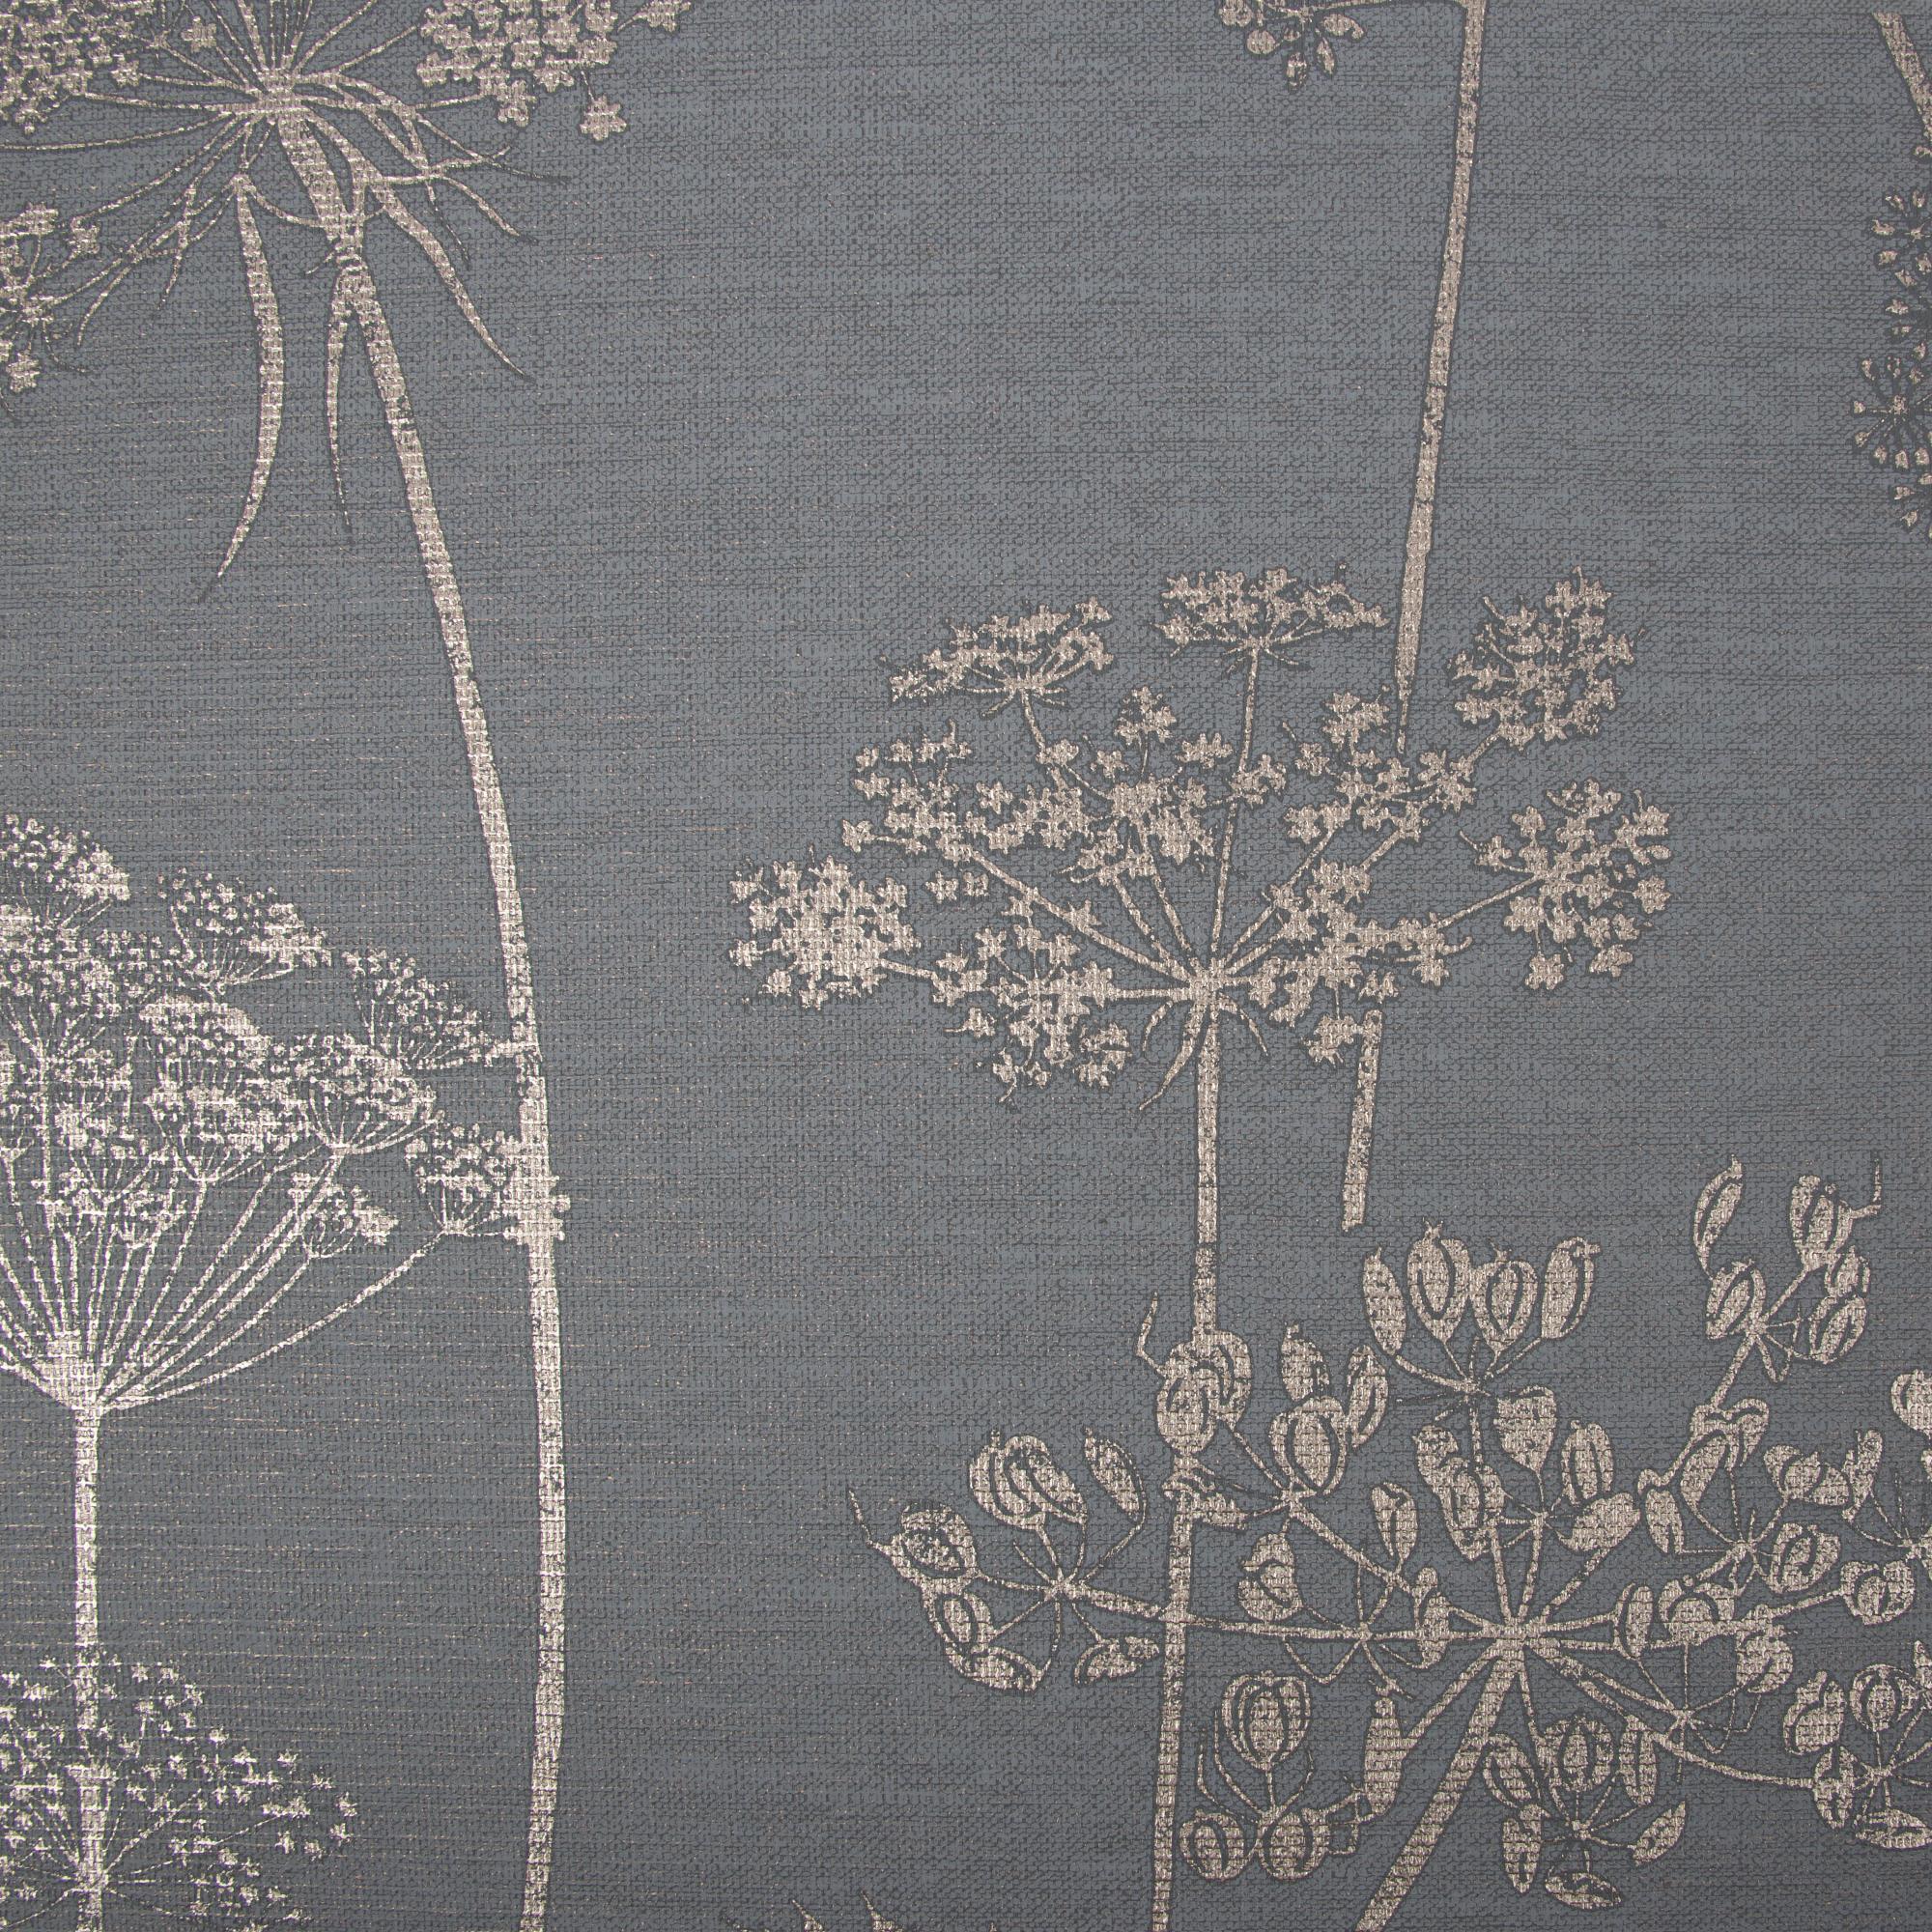 Superfresco Facile Sauvage Fleur Floral Pâte le Mur Papier Peint